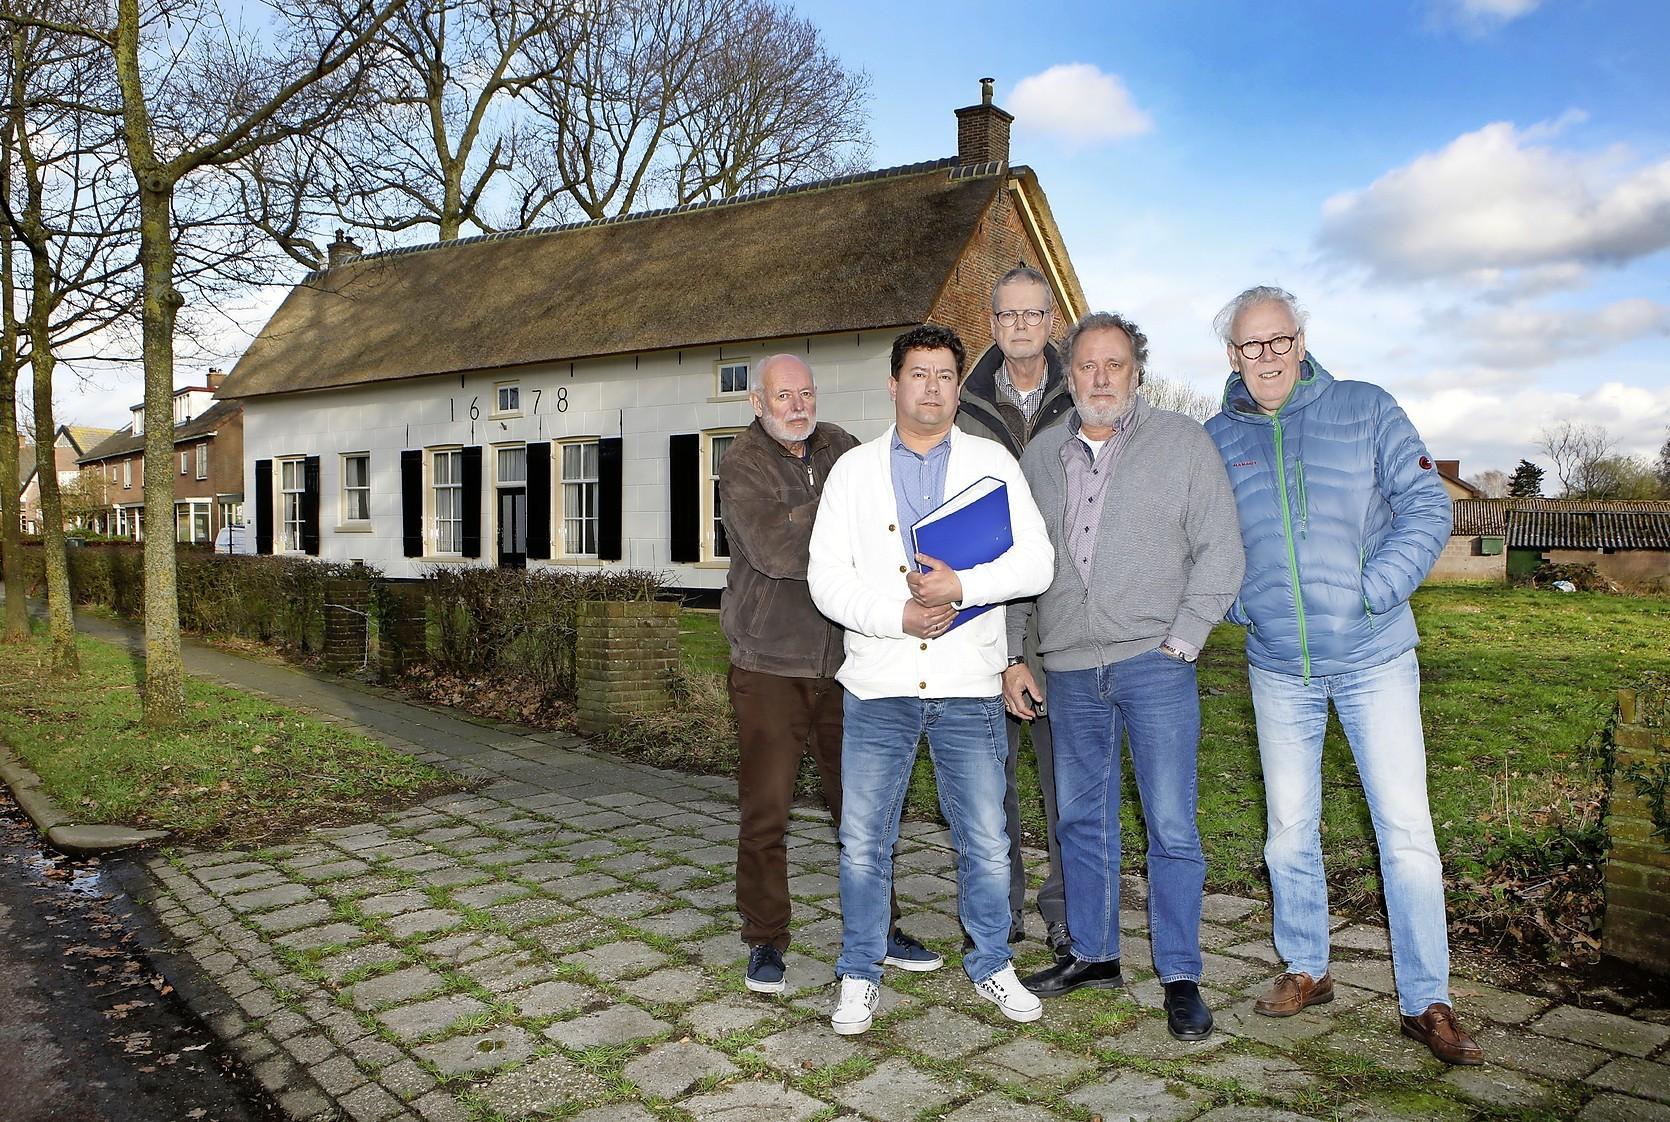 Buurt sceptisch bij plan voor eeuwenoude boerderij in Loosdrecht